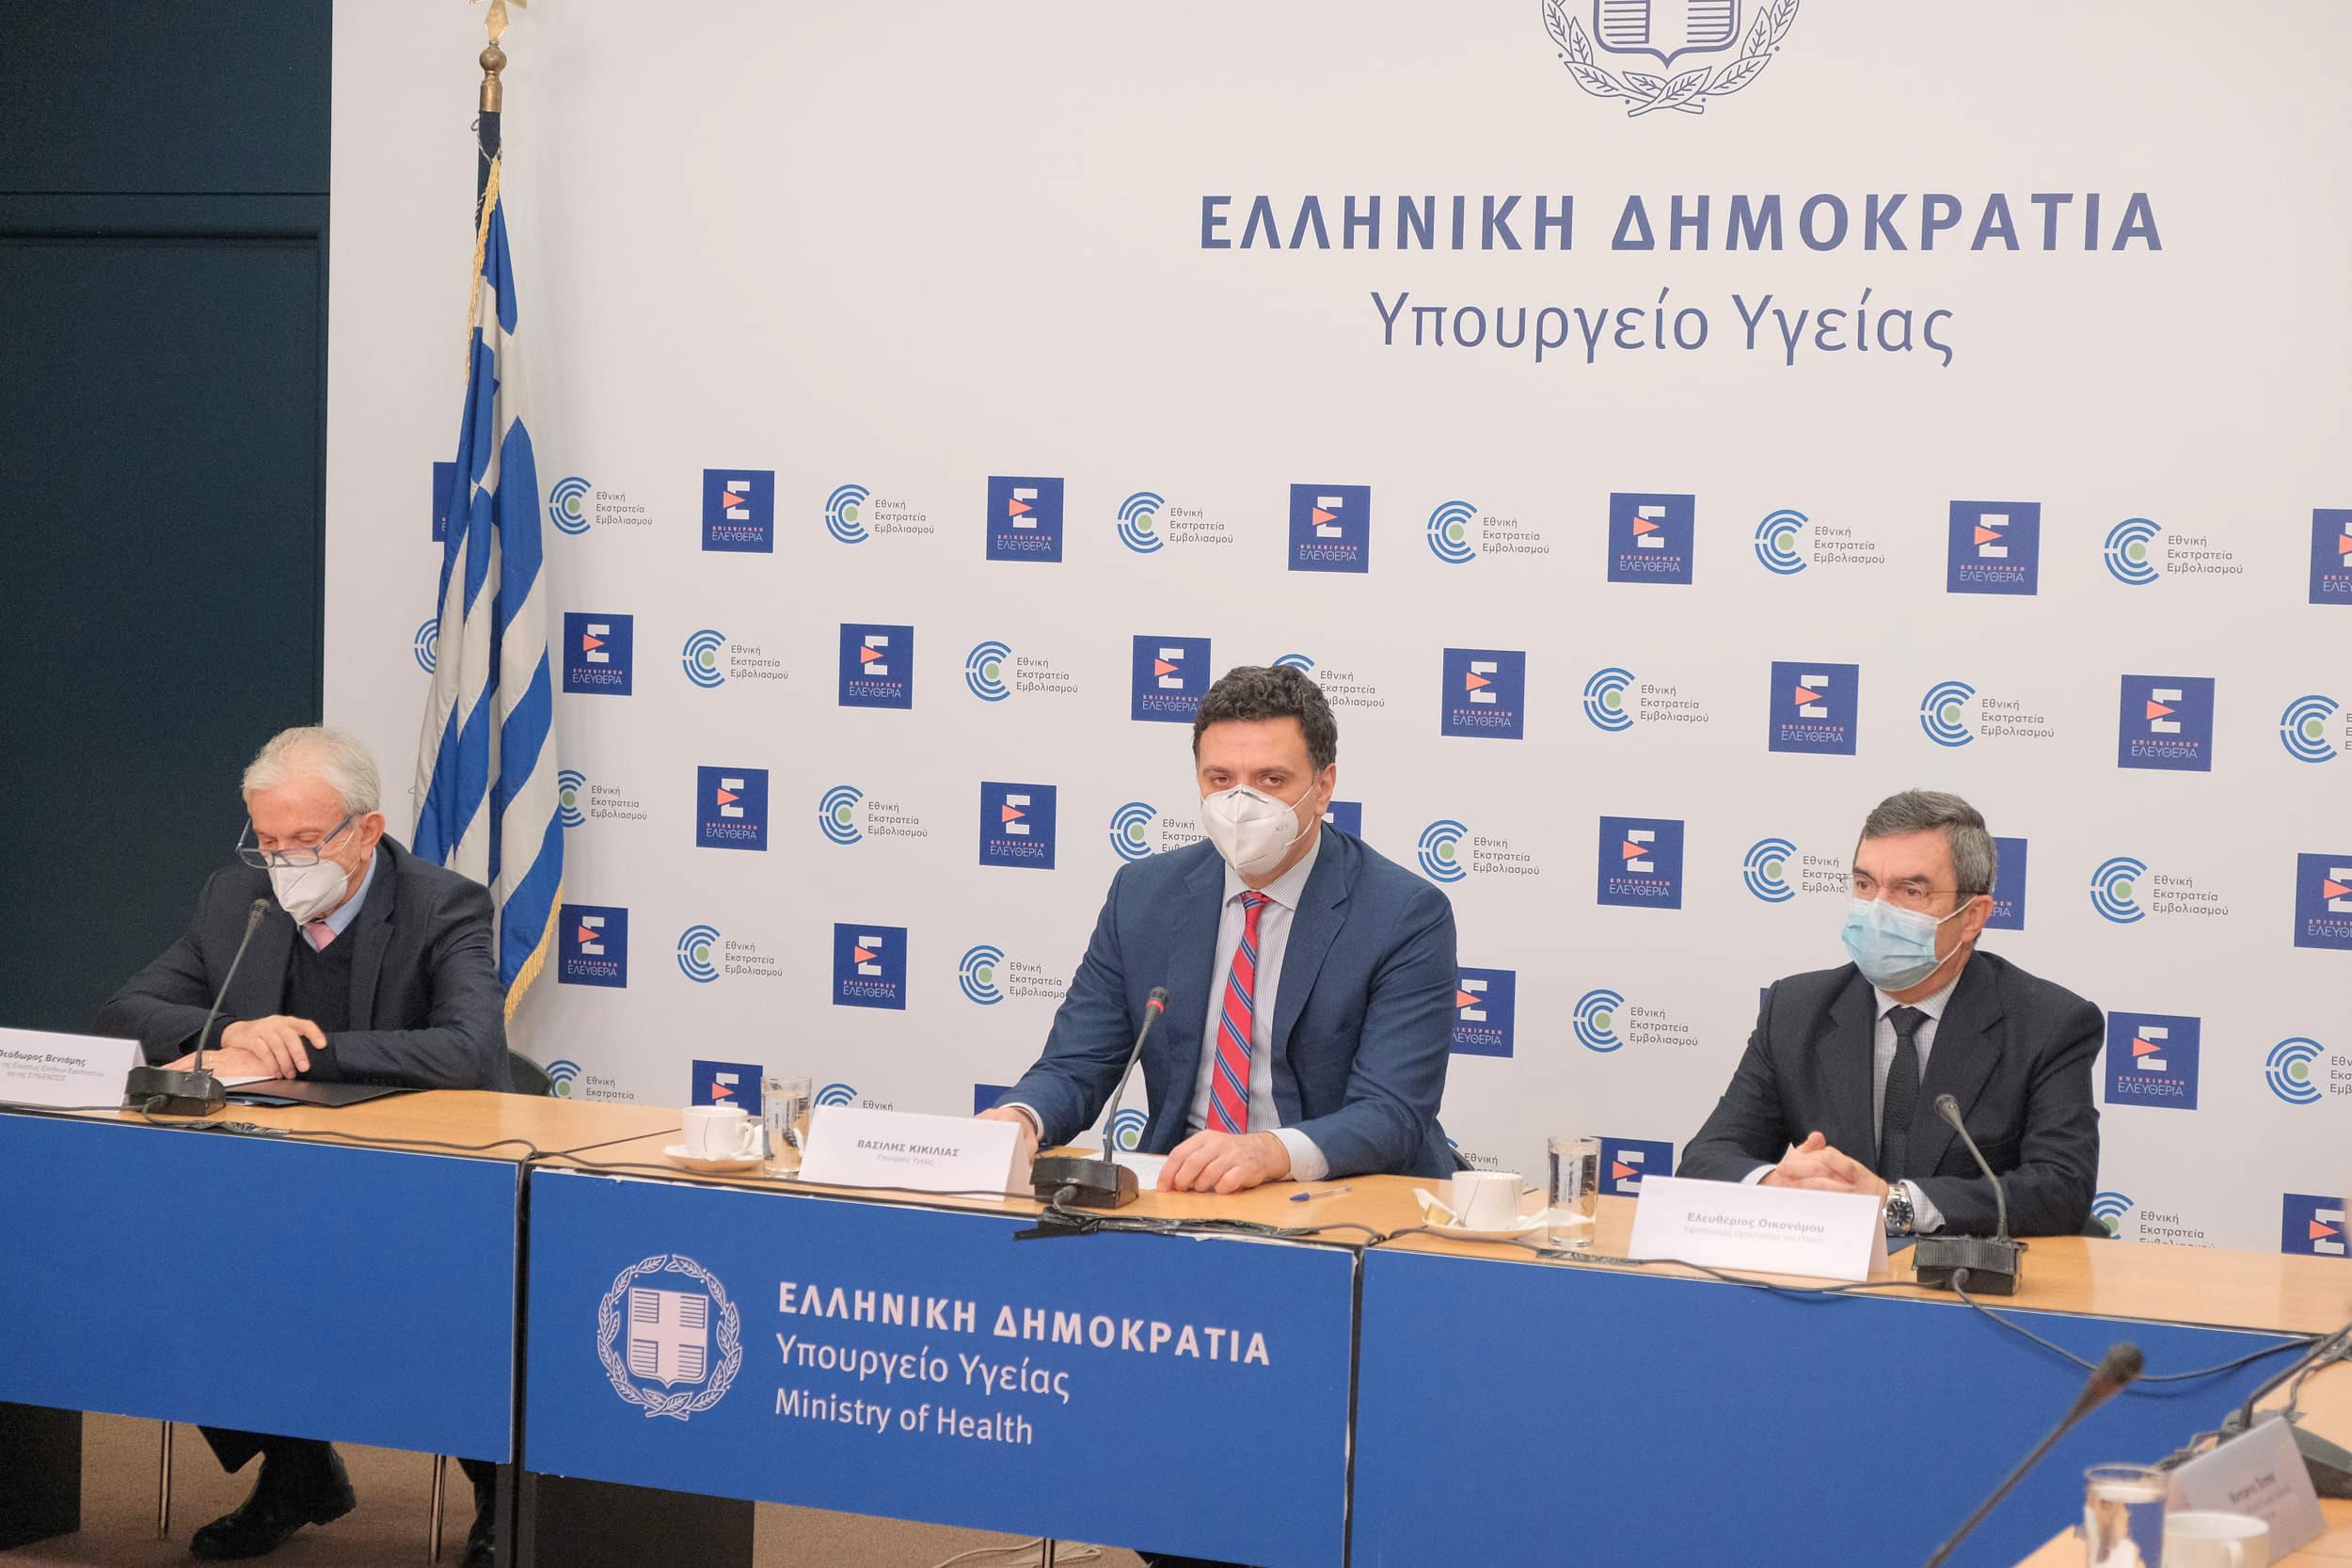 ΕΚΑΒ: Δωρεά 22 ασθενοφόρων από την Ένωση Ελλήνων Εφοπλιστών και την ΣΥΝ-ΕΝΩΣΙΣ